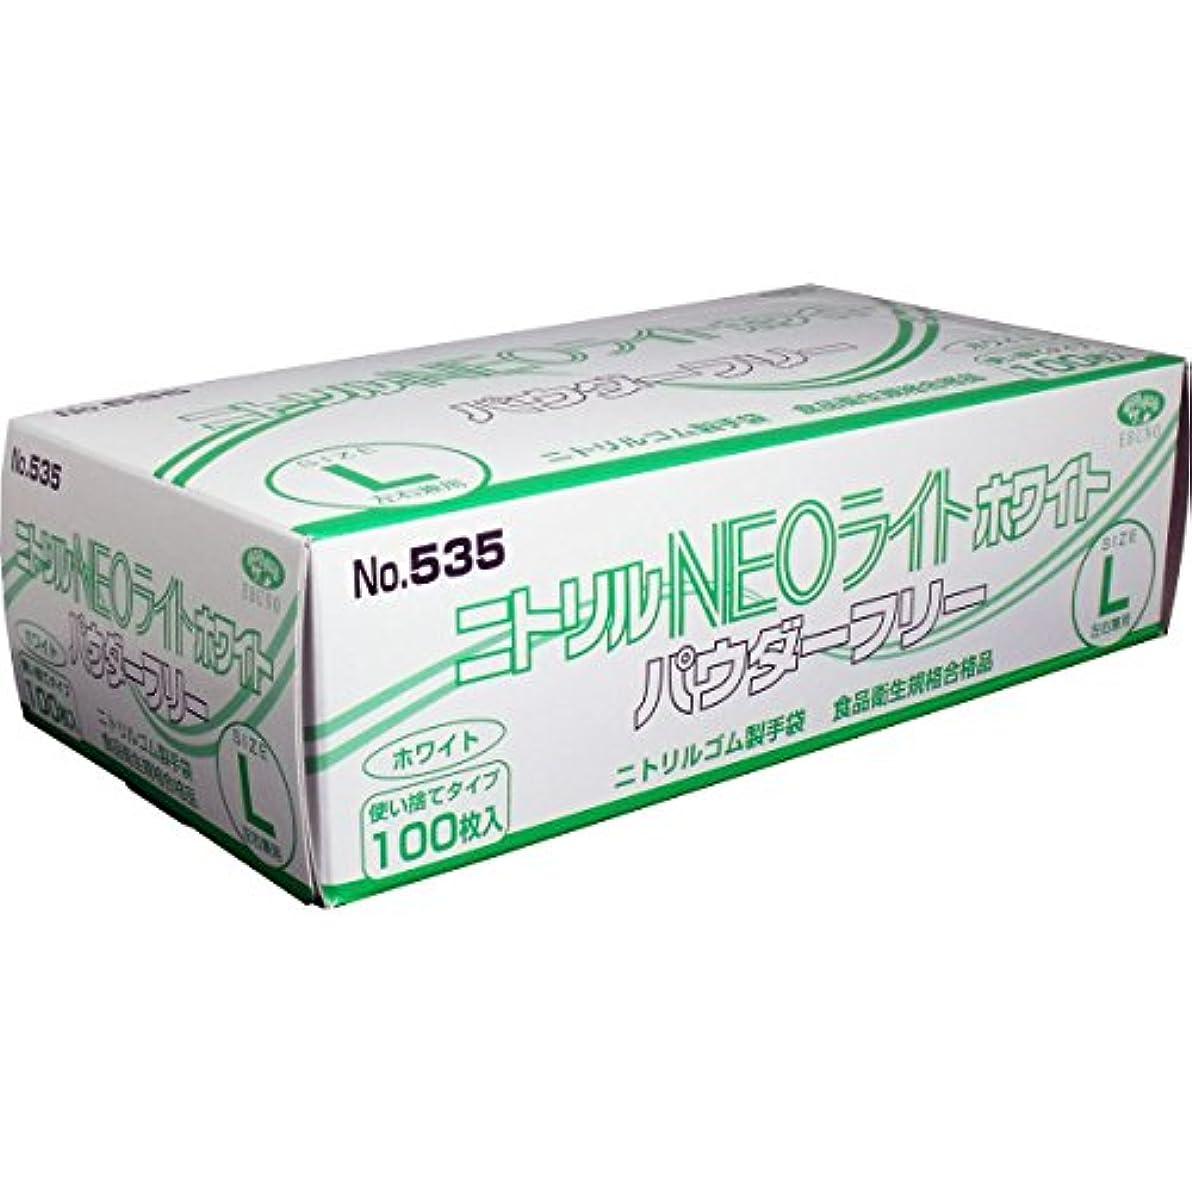 タクト雑草有益ニトリル手袋 NEOライト パウダーフリー ホワイト Lサイズ 100枚入 ×10個セット